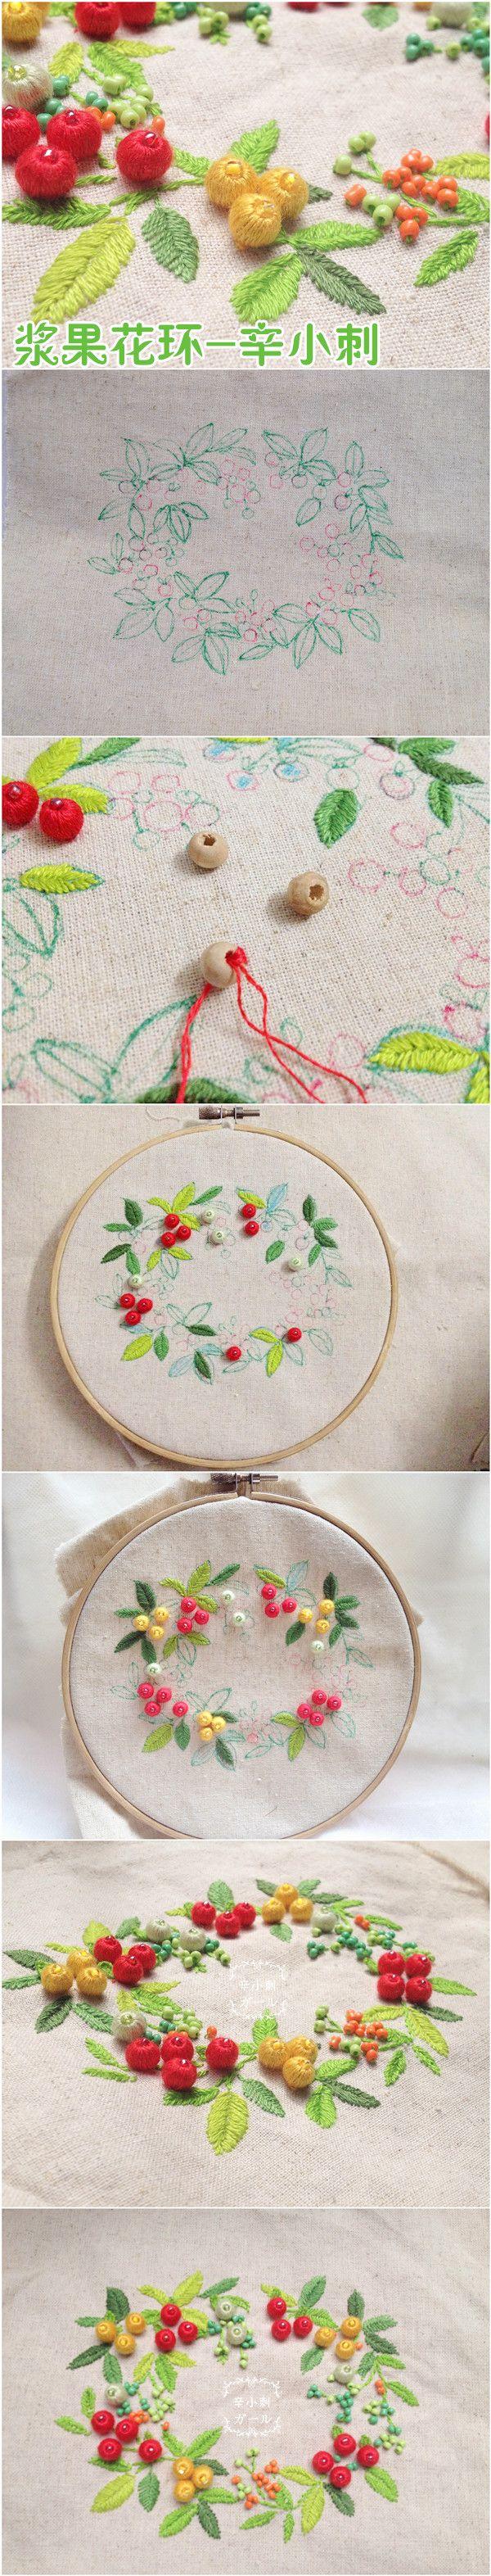 辛小刺的刺绣 浆果花环 立体绣